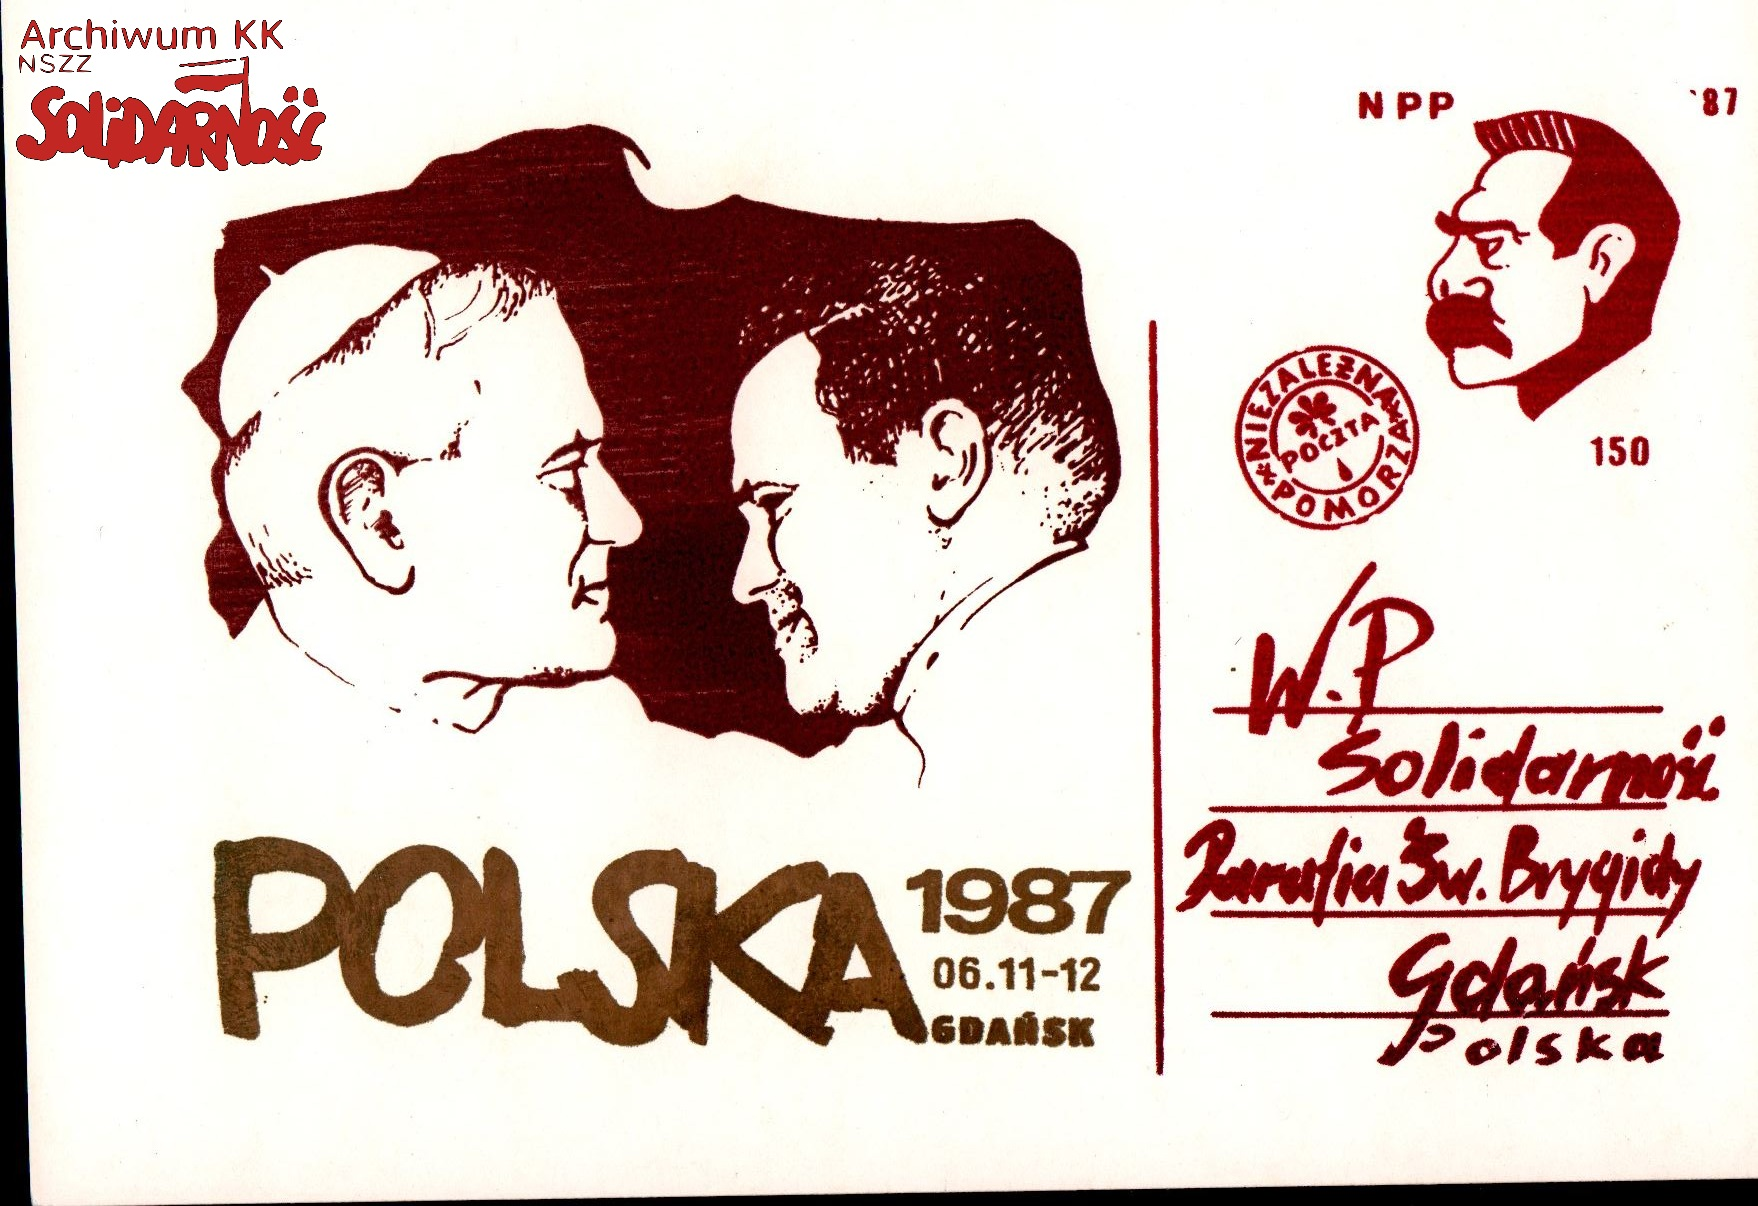 AKKS-347-197-243000002